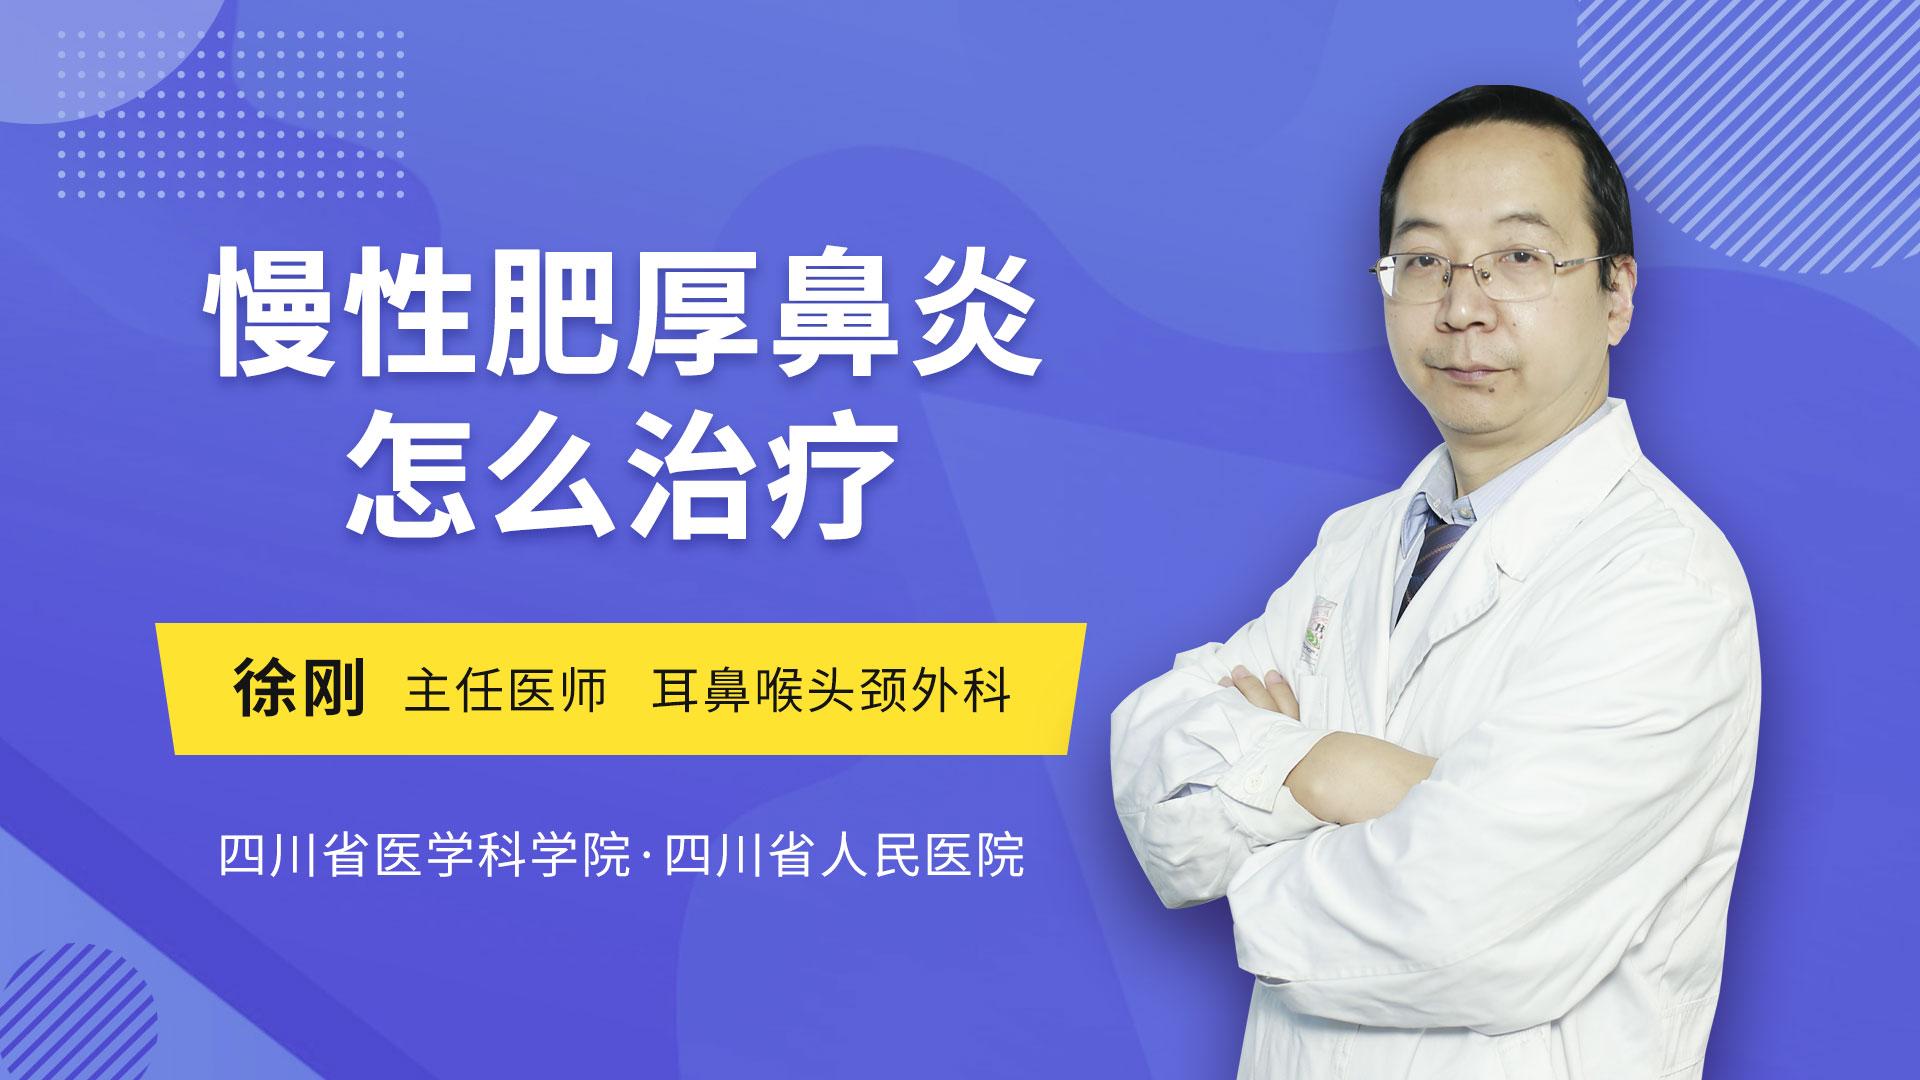 慢性肥厚鼻炎怎么治疗